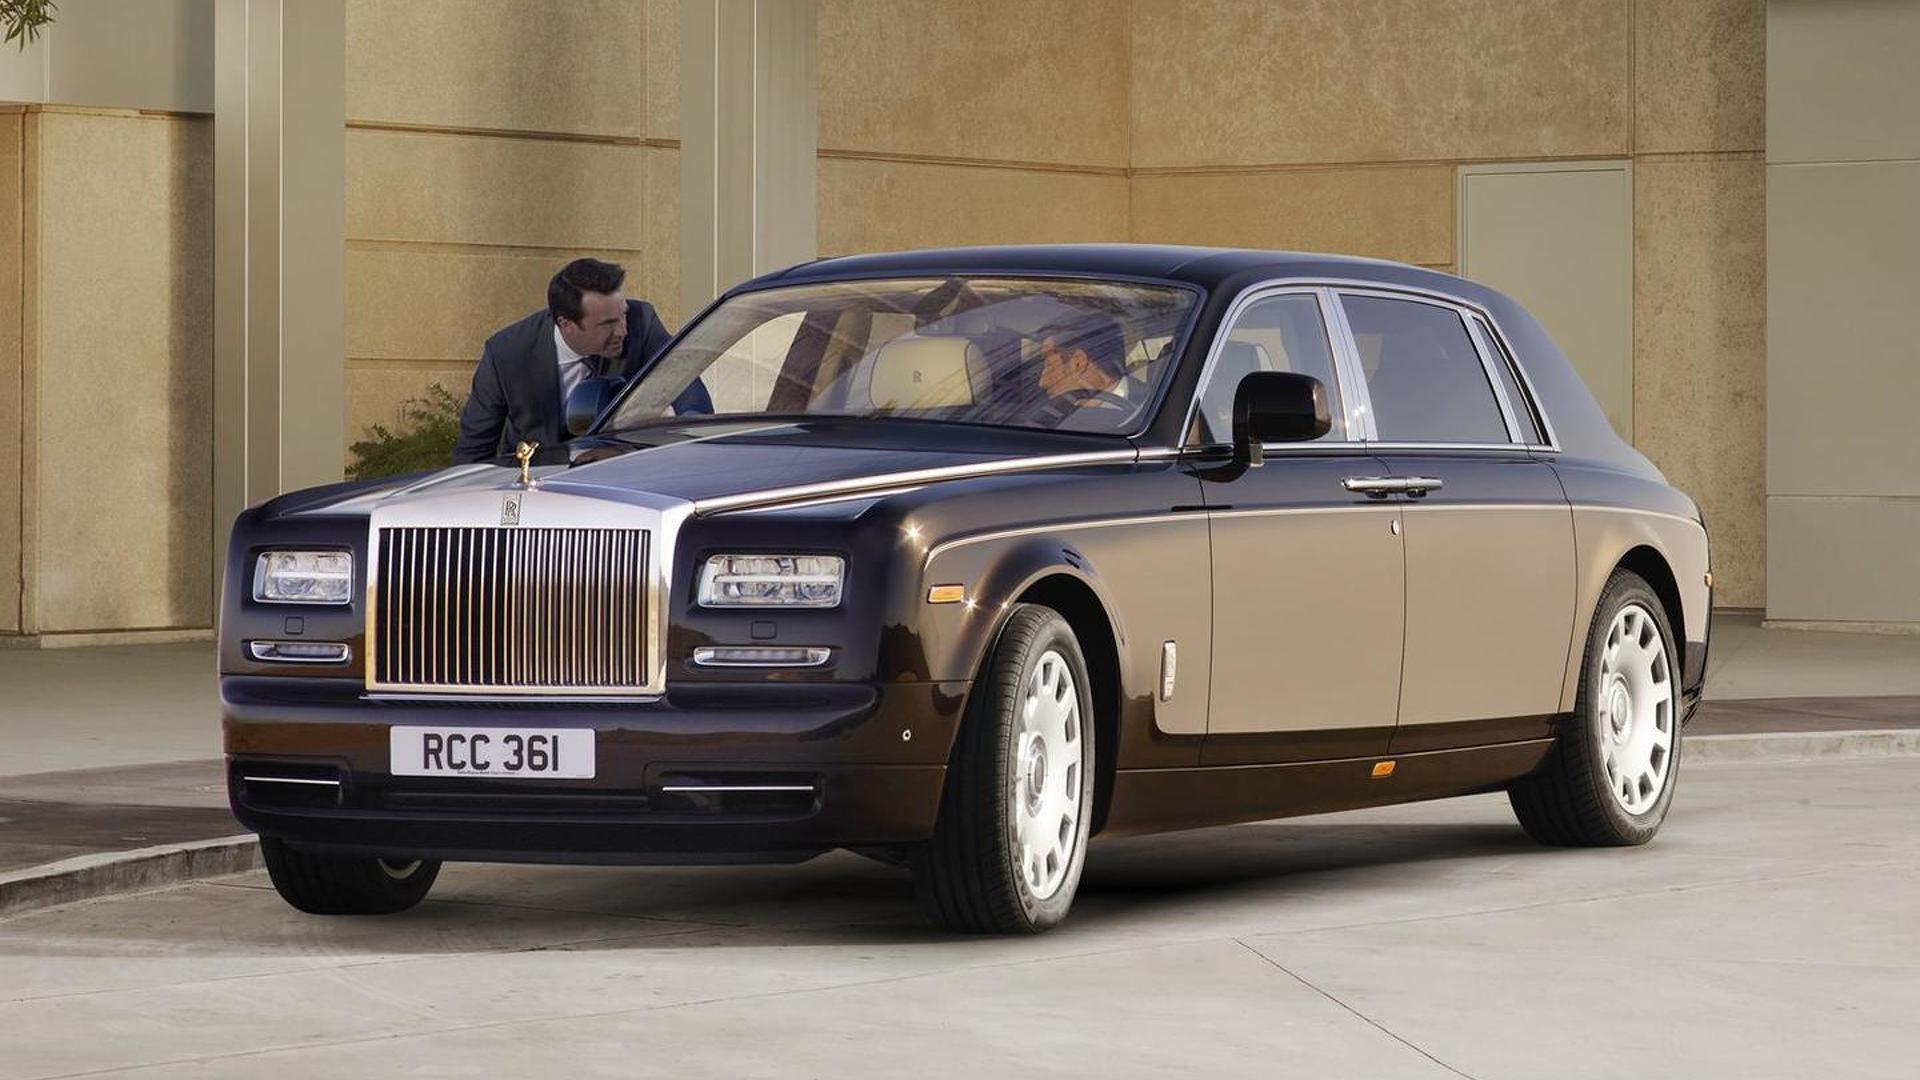 New Rolls Royce >> New Rolls Royce Phantom Coming In 2016 Report